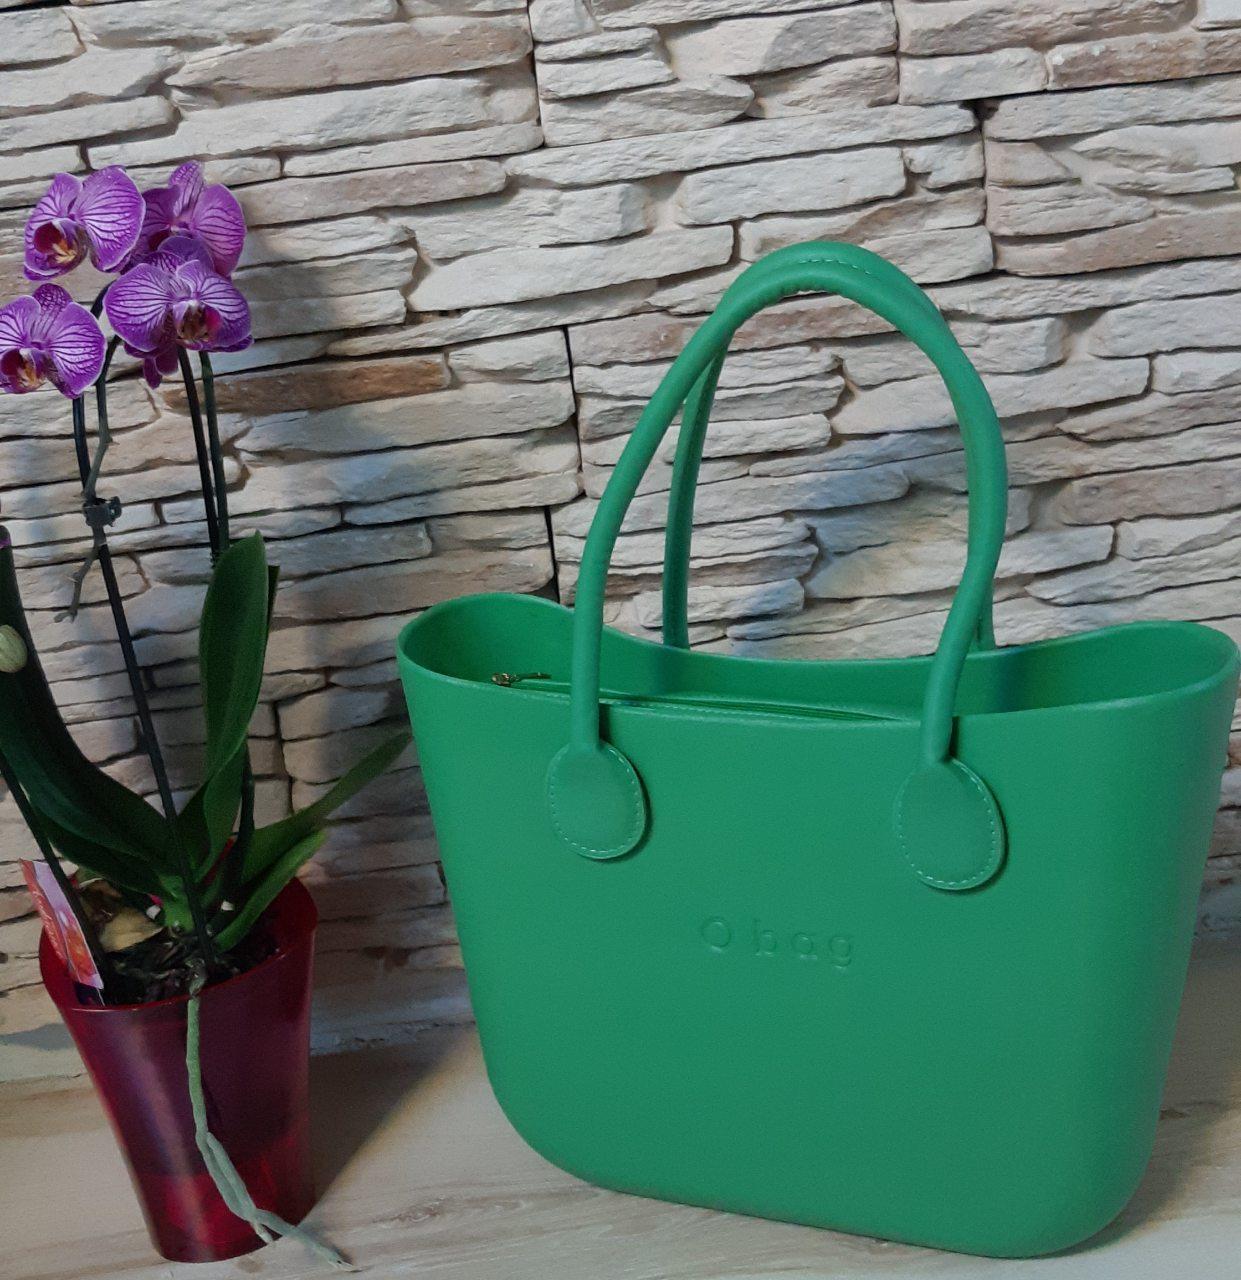 Женская сумка O bag classic в зеленом  корпусе